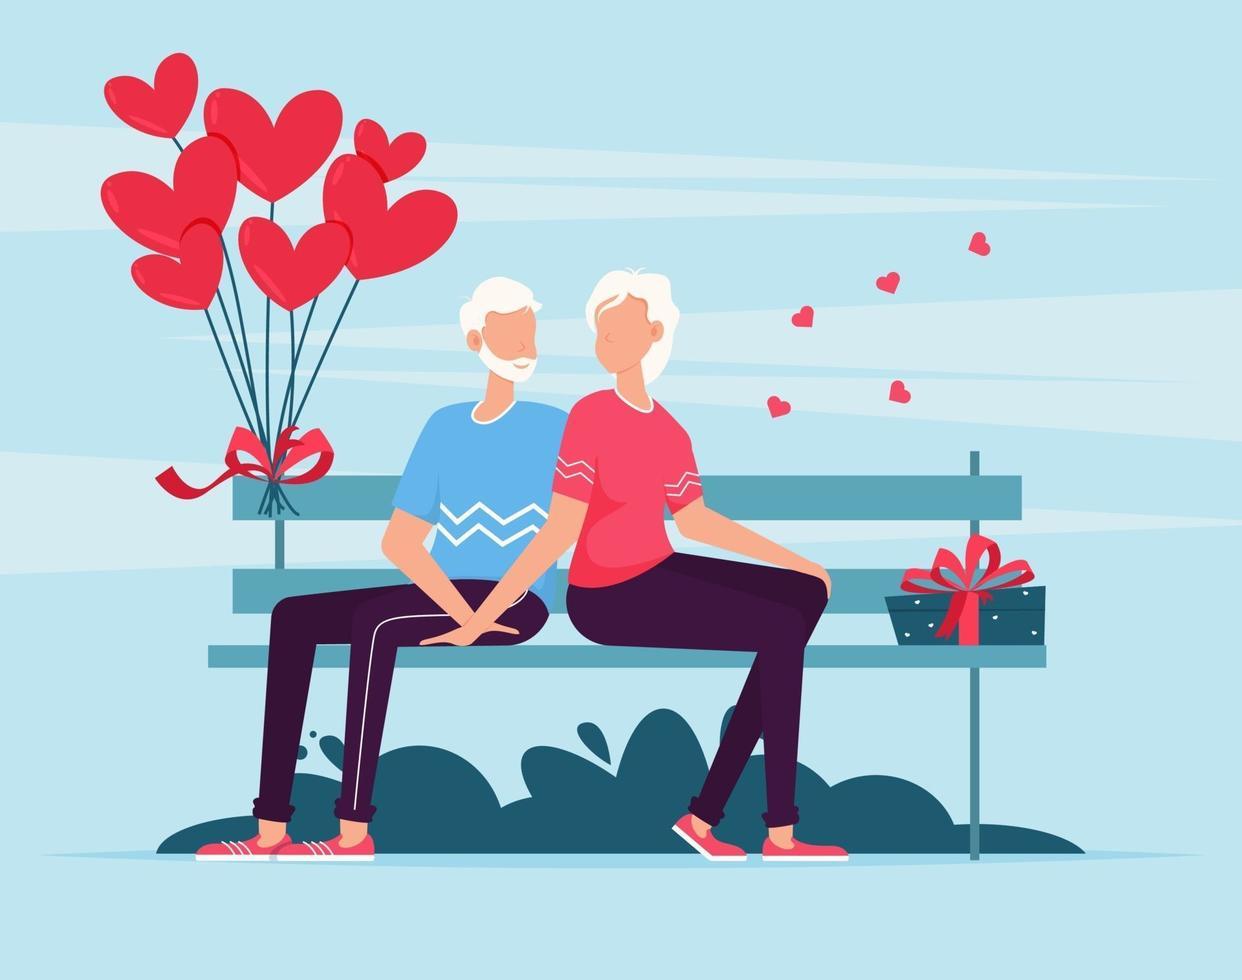 casal sênior sentado no banco. casal apaixonado no banco. Dia dos Namorados vetor